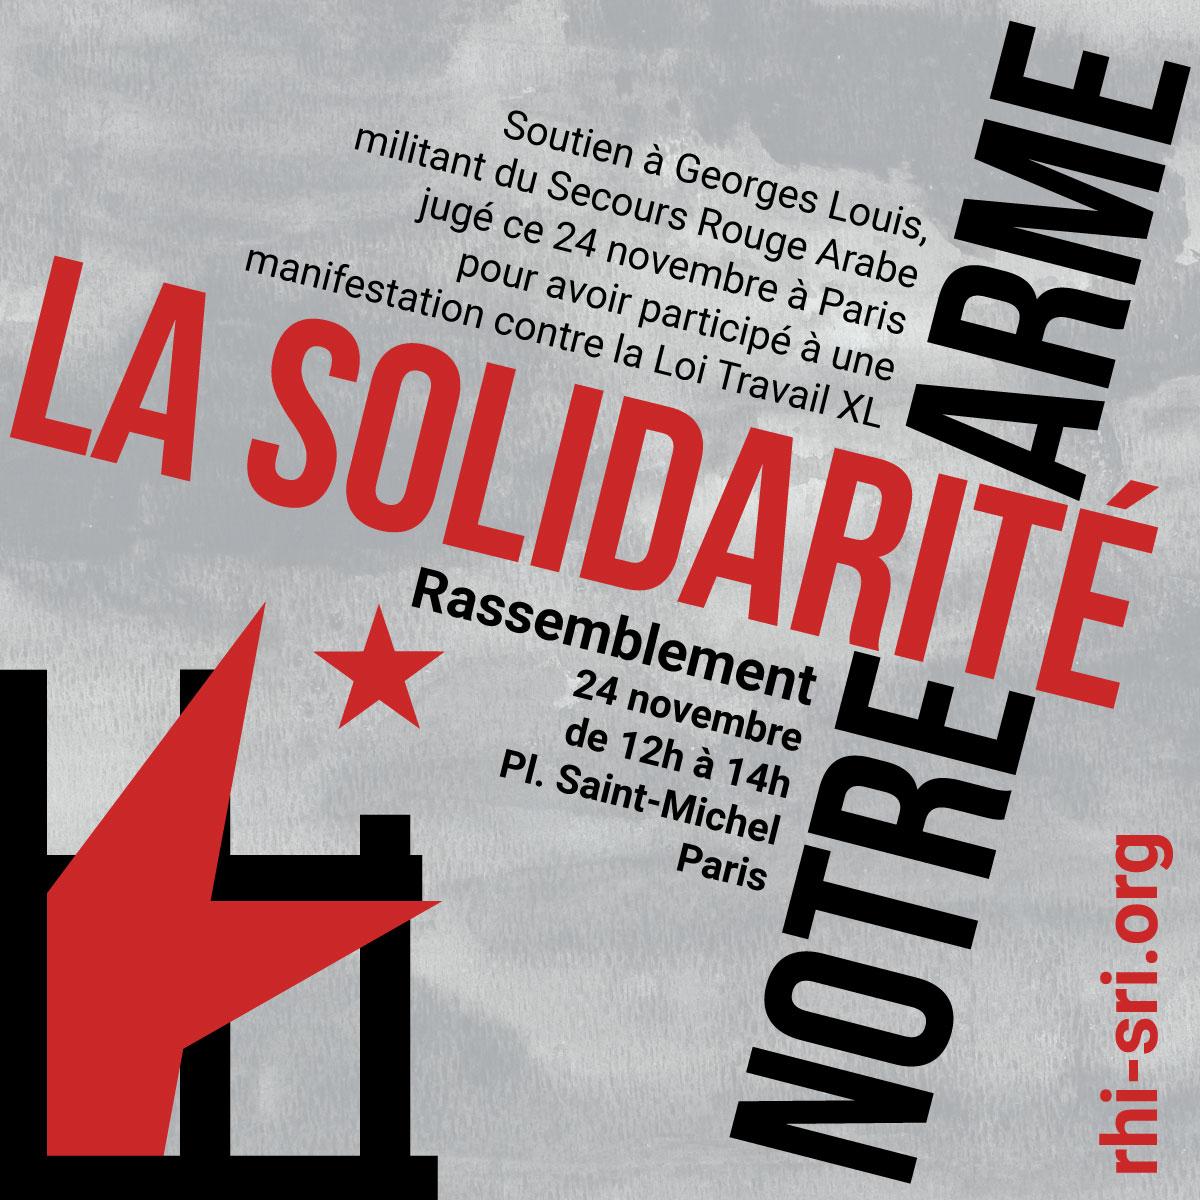 Solidarité avec Georges Louis